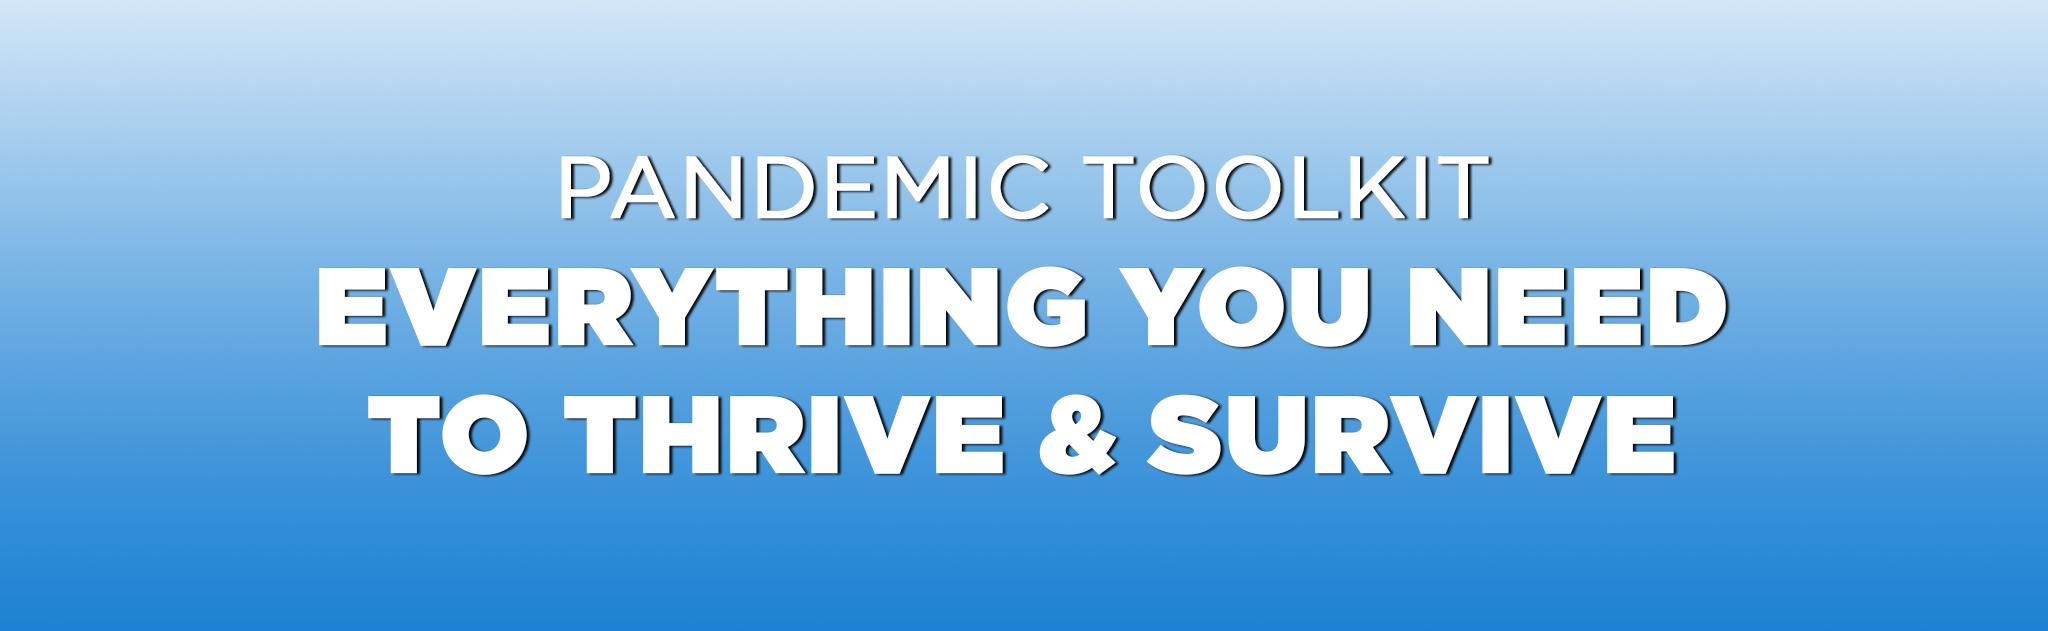 Pandemic Toolkit webpage banner